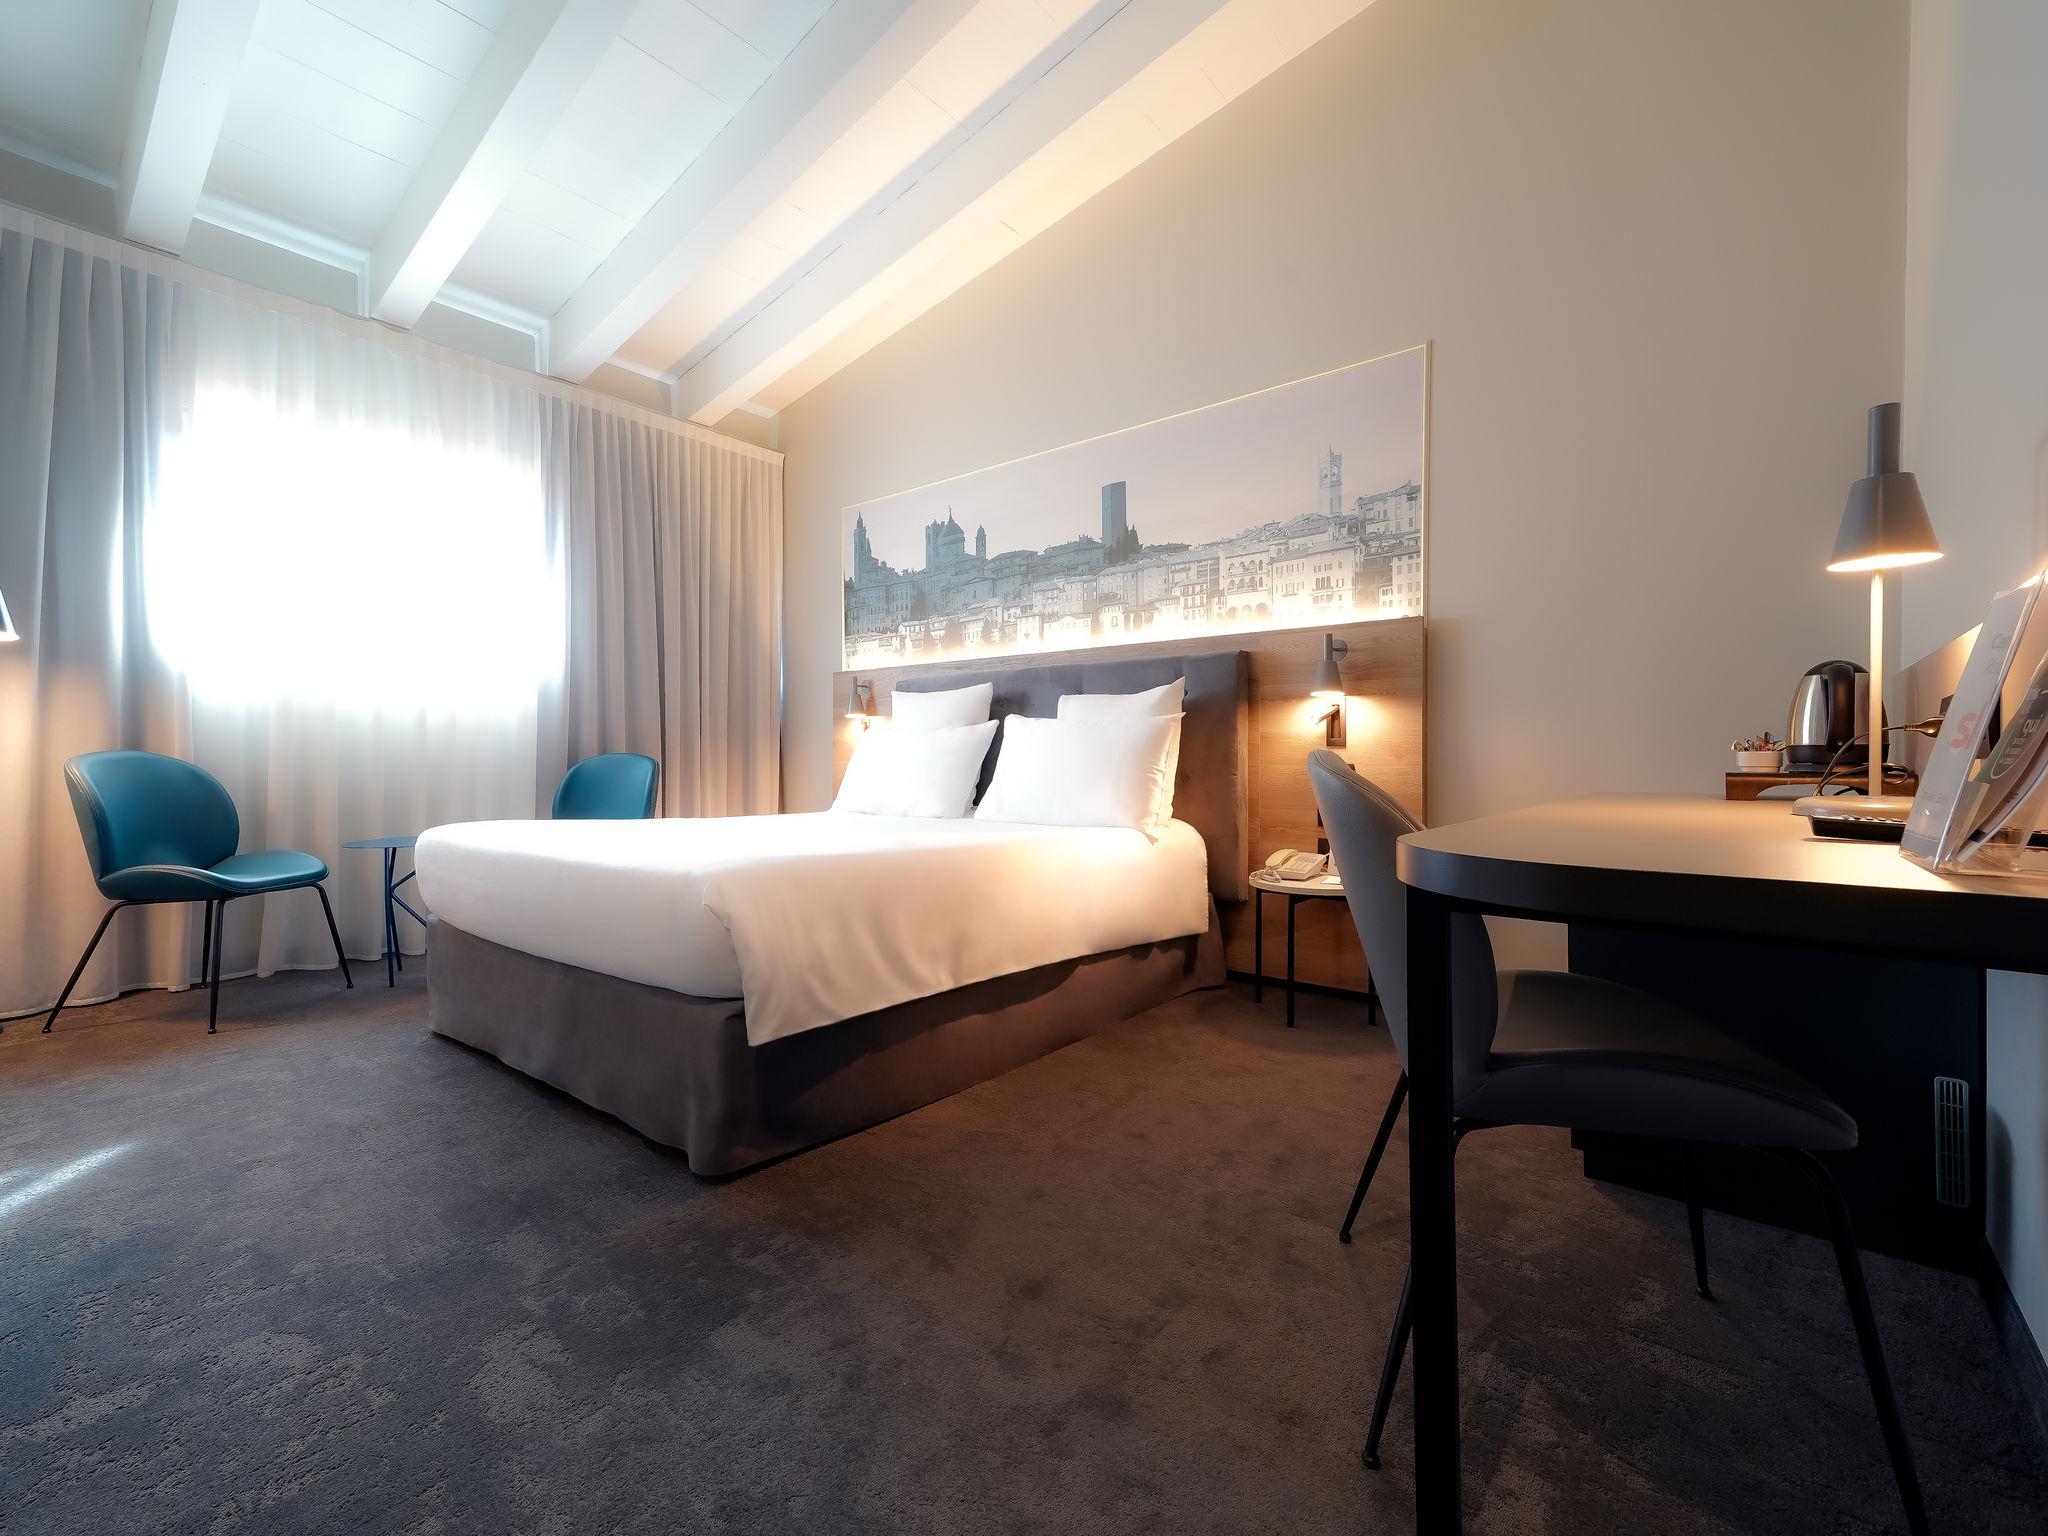 Mercure bergamo palazzo dolci hotel a bergamo accorhotels for Hotel centro